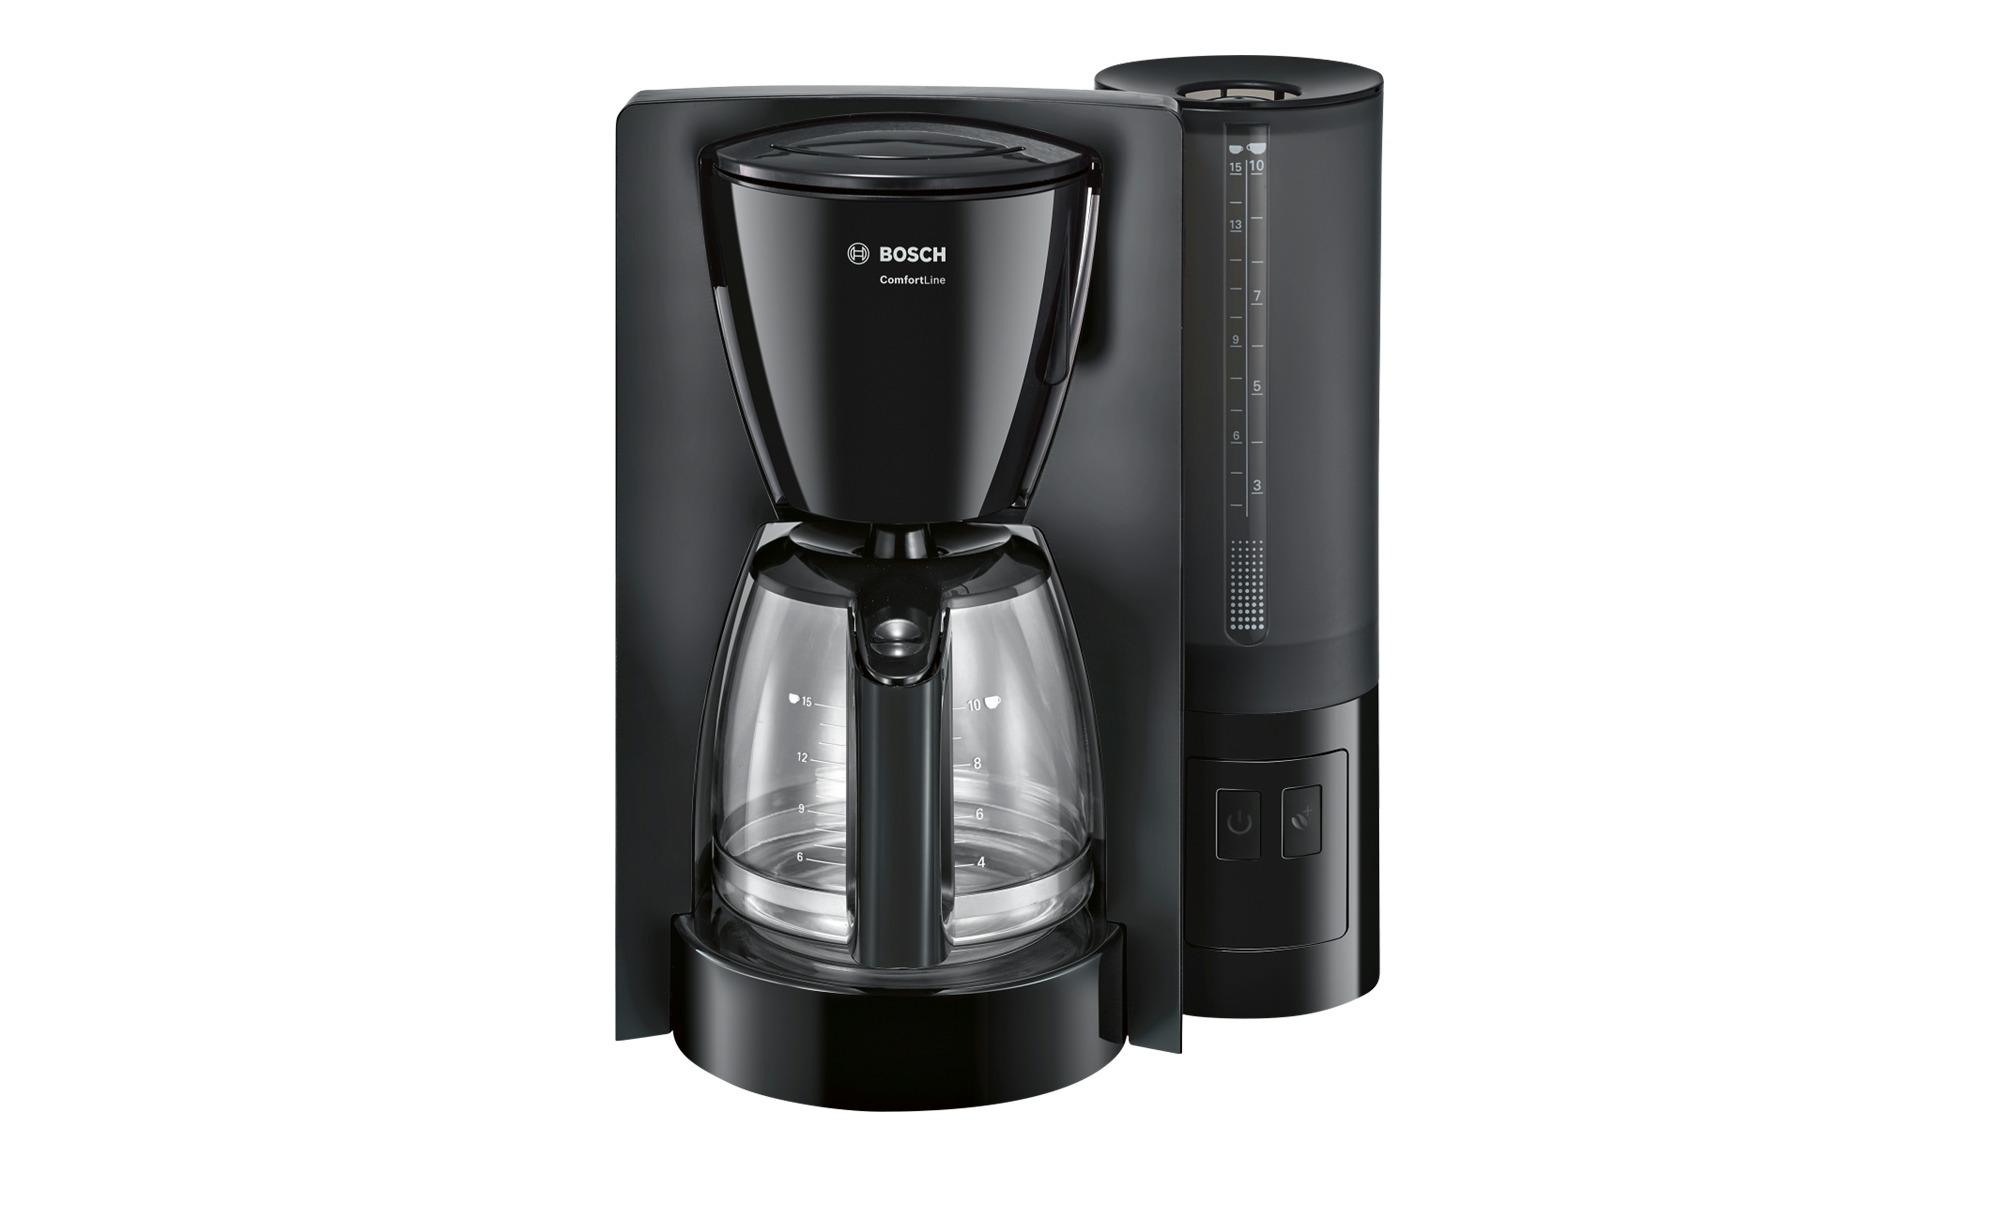 BOSCH Kaffeeautomat  TKA 6A606 - schwarz - Kunststoff - 28,5 cm - 35,5 cm - 23 cm - Elektrokleingeräte > Kaffee & Espressomaschinen - Möbel Kraft | Küche und Esszimmer > Kaffee und Tee > Kaffeemaschinen | BOSCH